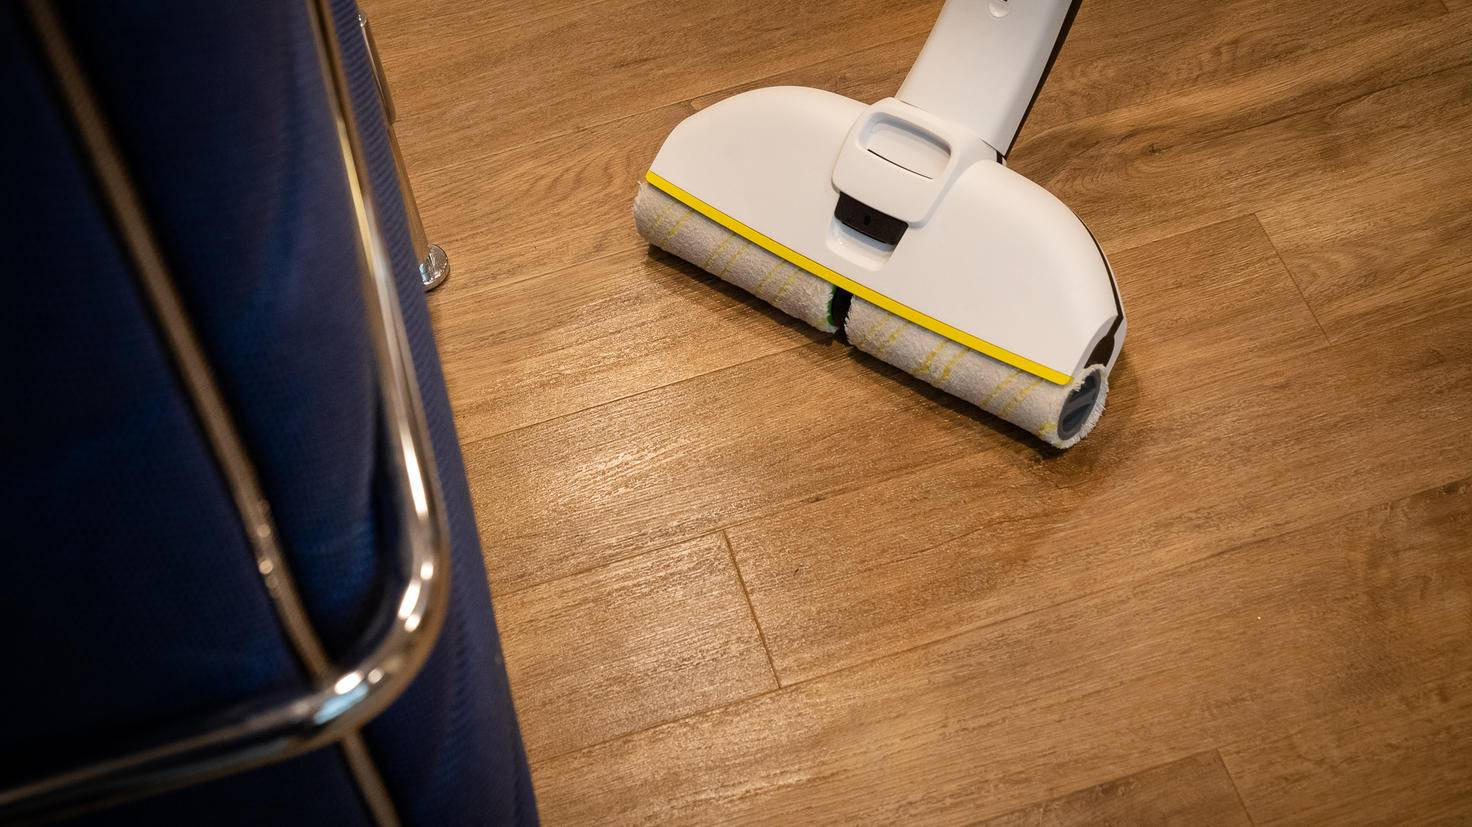 Holzboden reinigt der Kärcher genauso gründlich wie Fliesen.